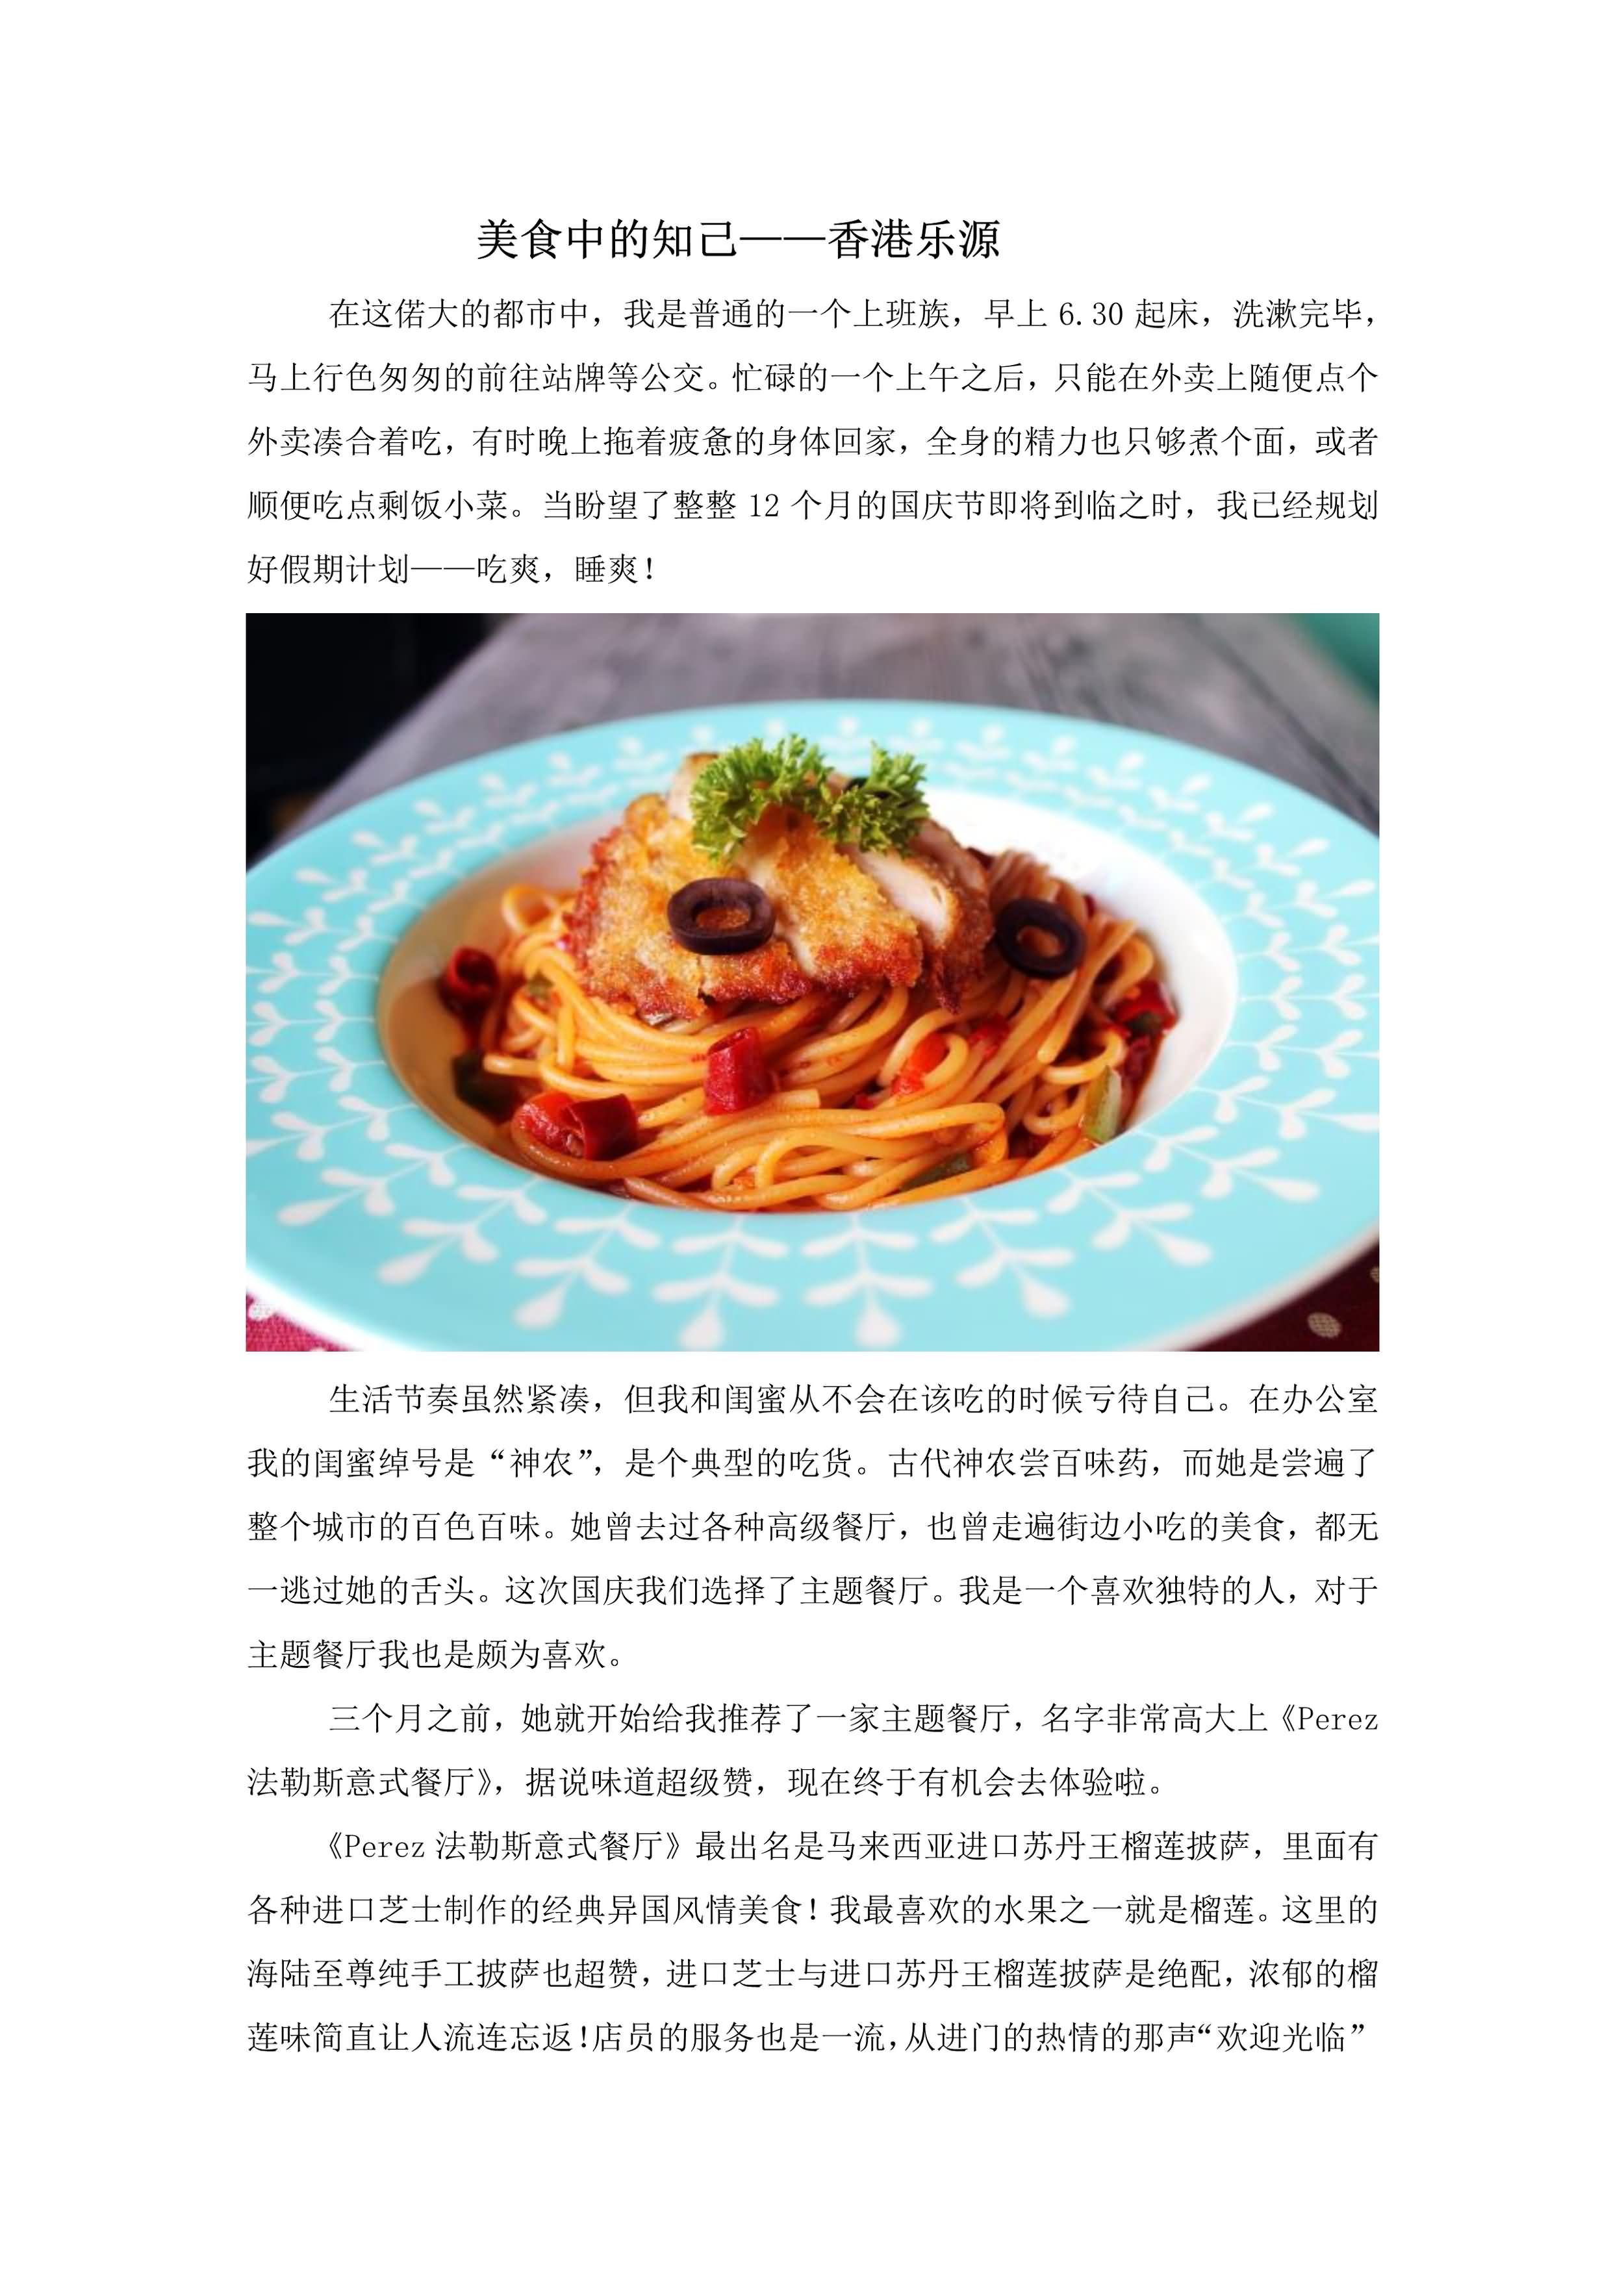 香港樂源餐飲集團有限公司5